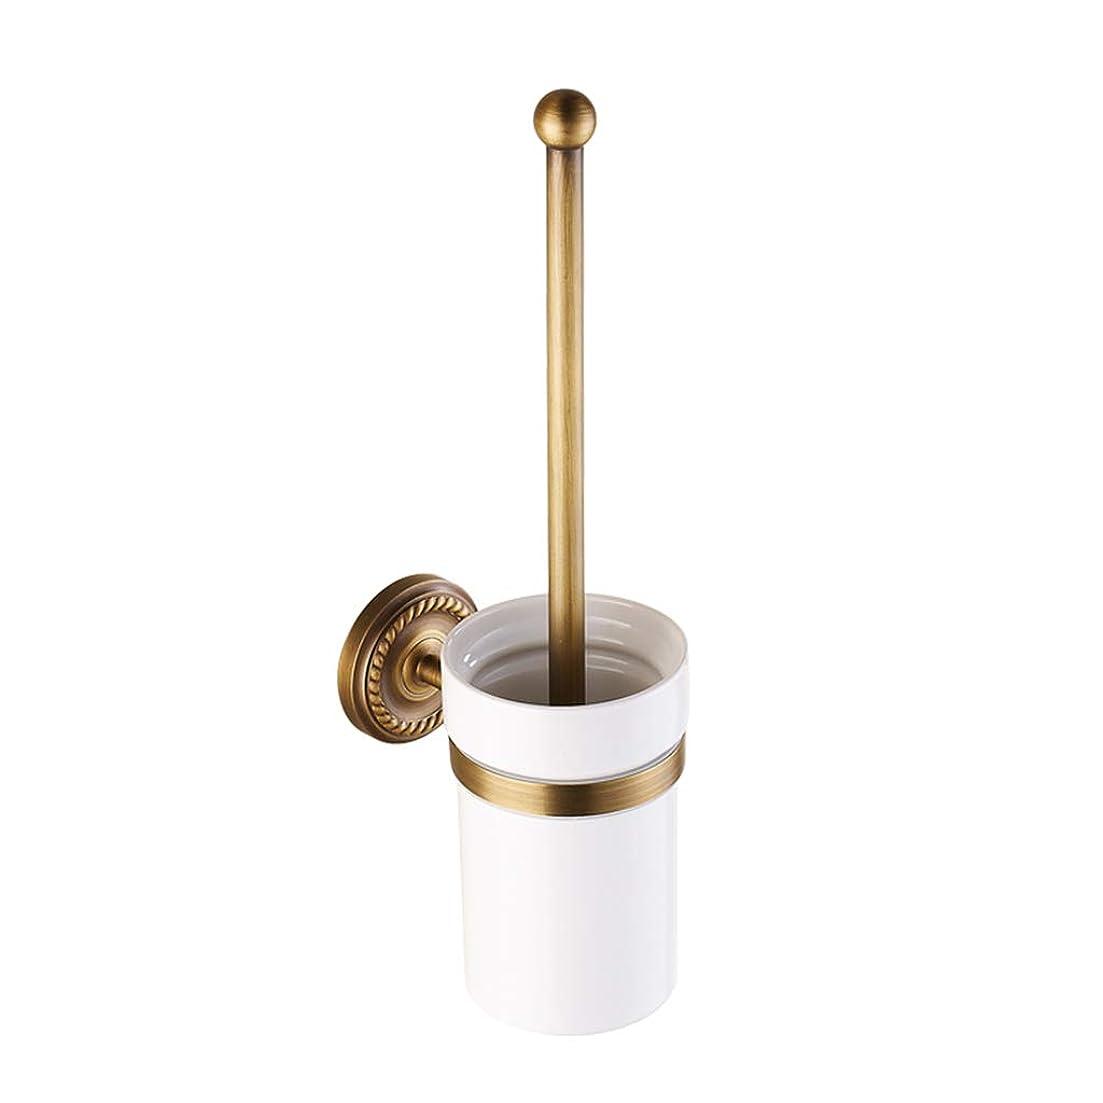 飼い慣らす三十憤るYEZI トイレブラシ - すべての銅のコンチネンタルトイレセット大型シャーシ 便利および衛生学 (色 : ゴールド)